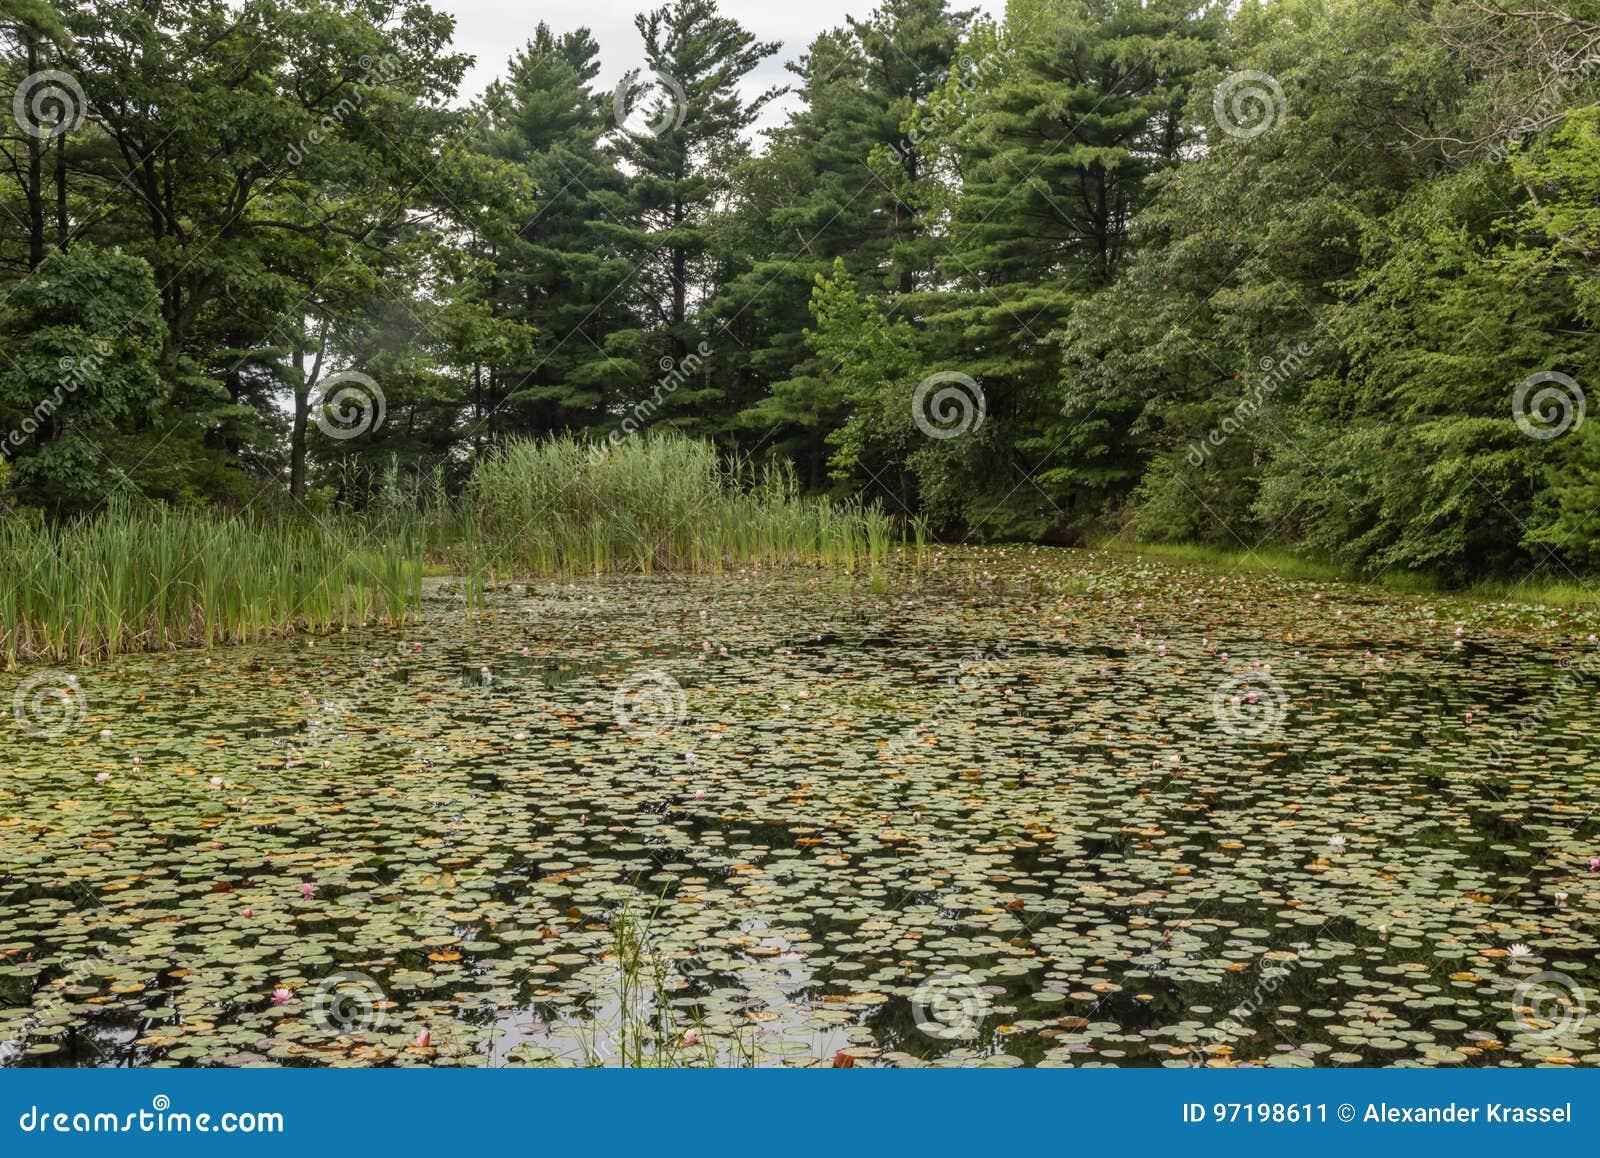 Lilienteich an der Mohonk-Konserve im Sommer